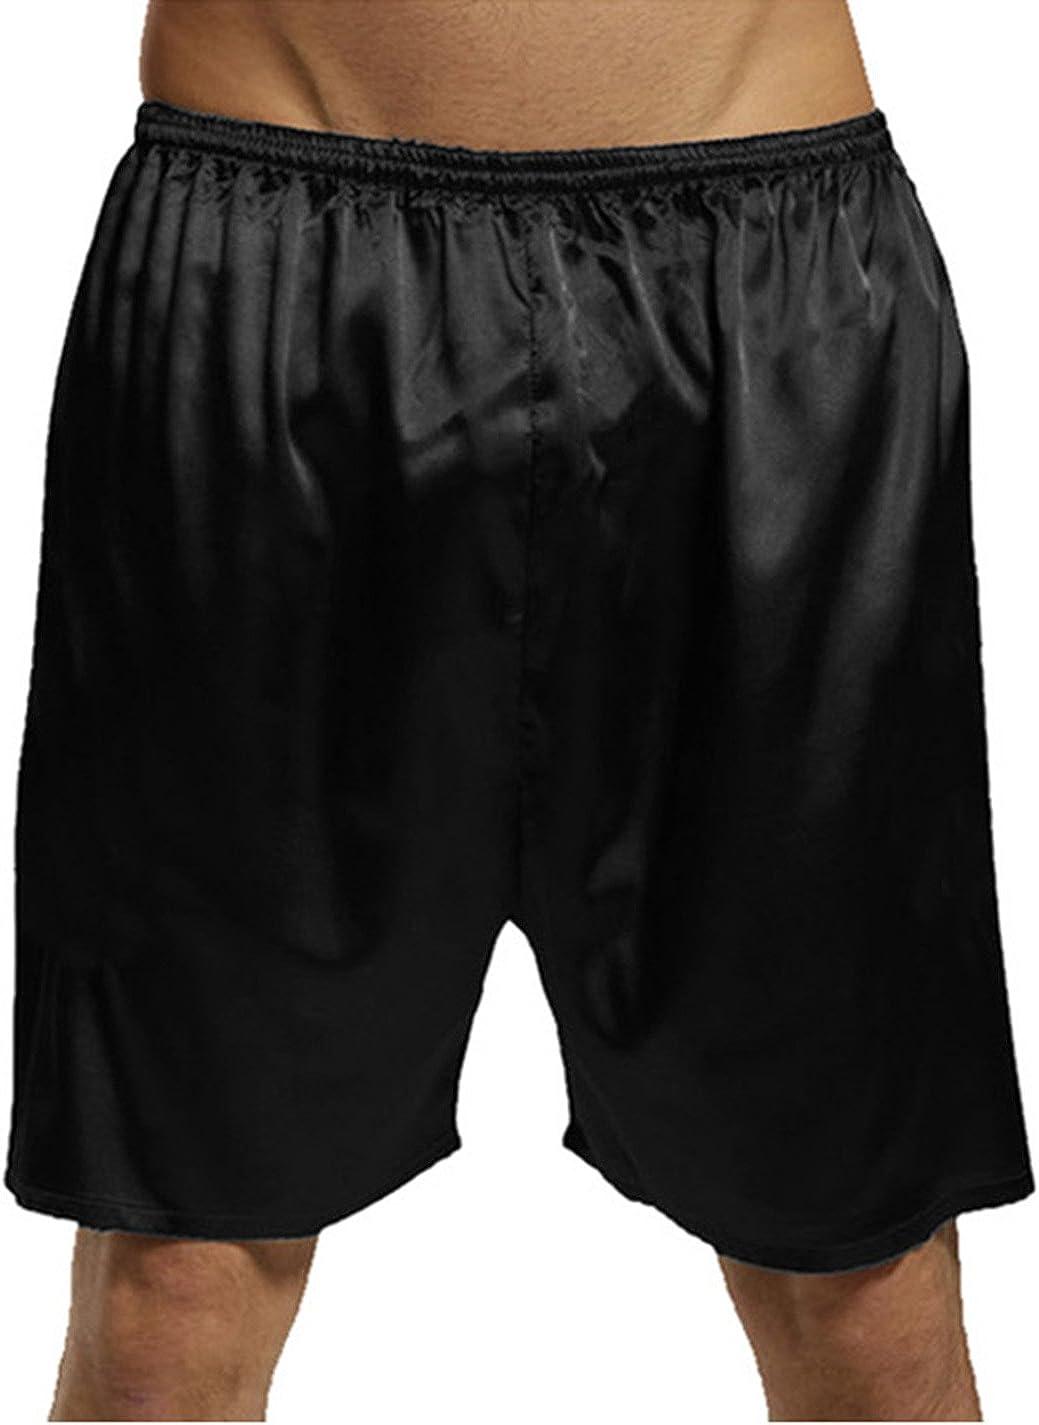 Comfortable fancy lace men boxer shorts  Size XXL 2995